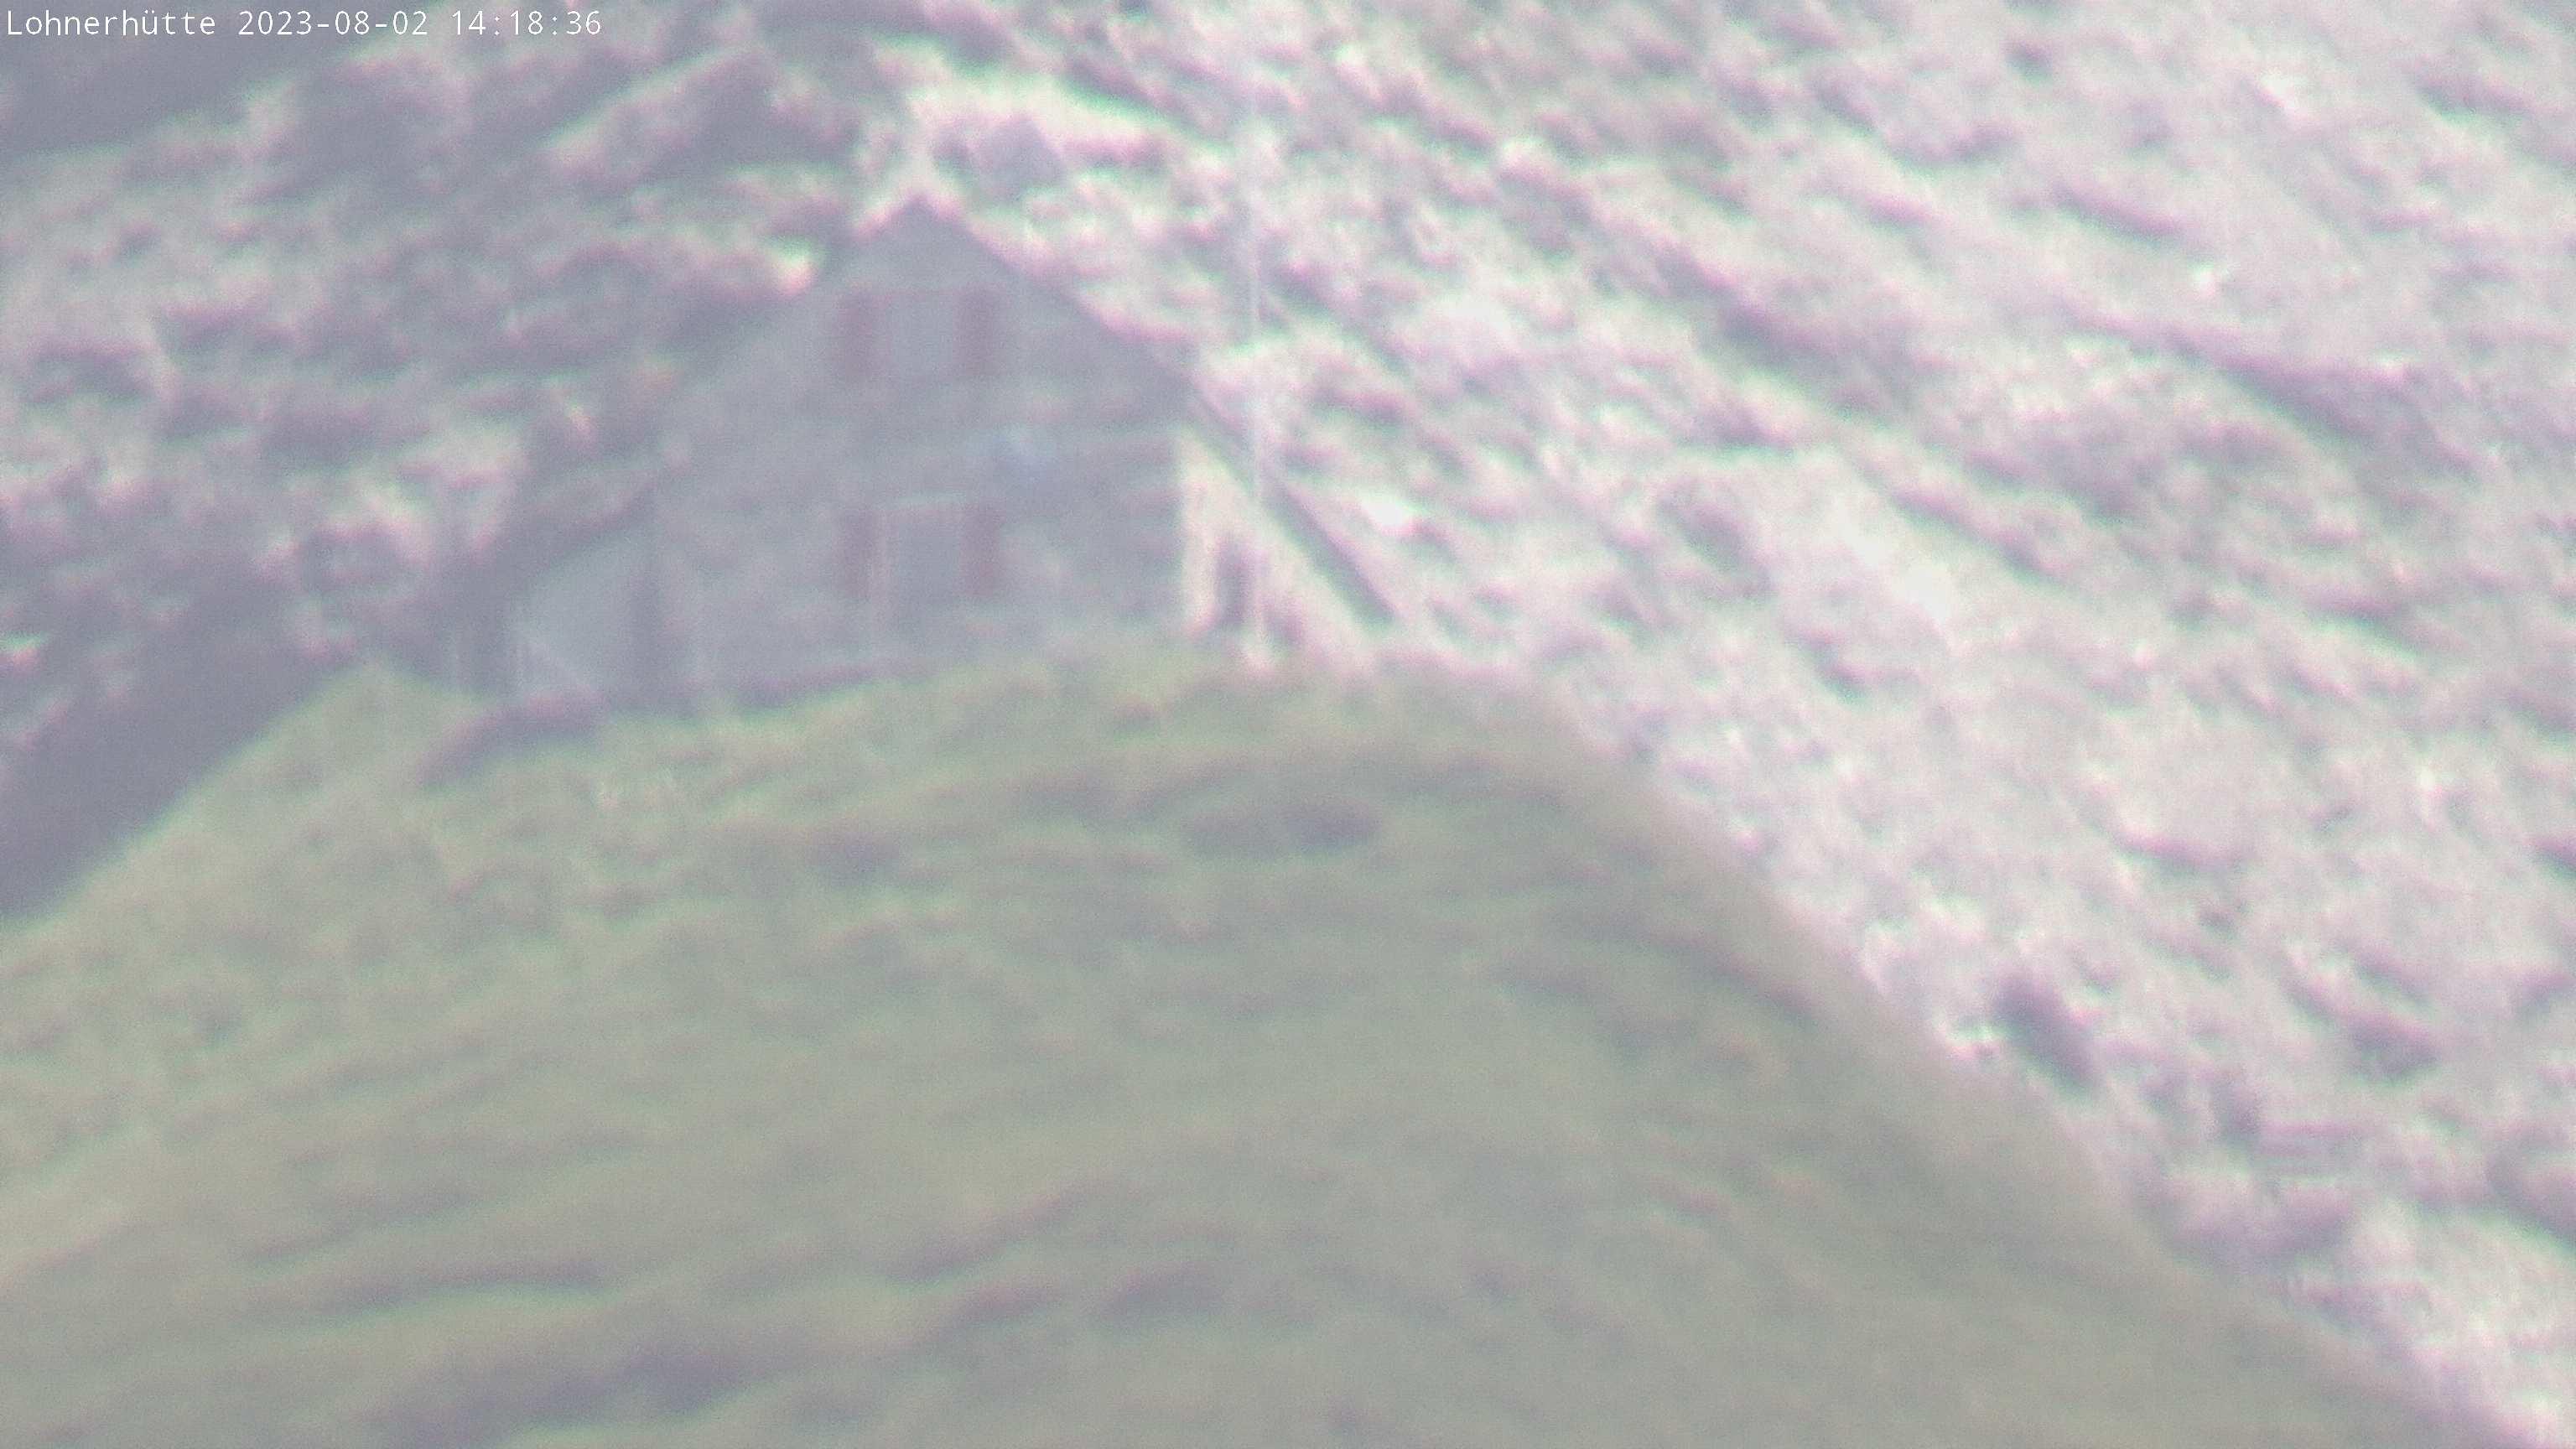 Adelboden Lohnerhütte